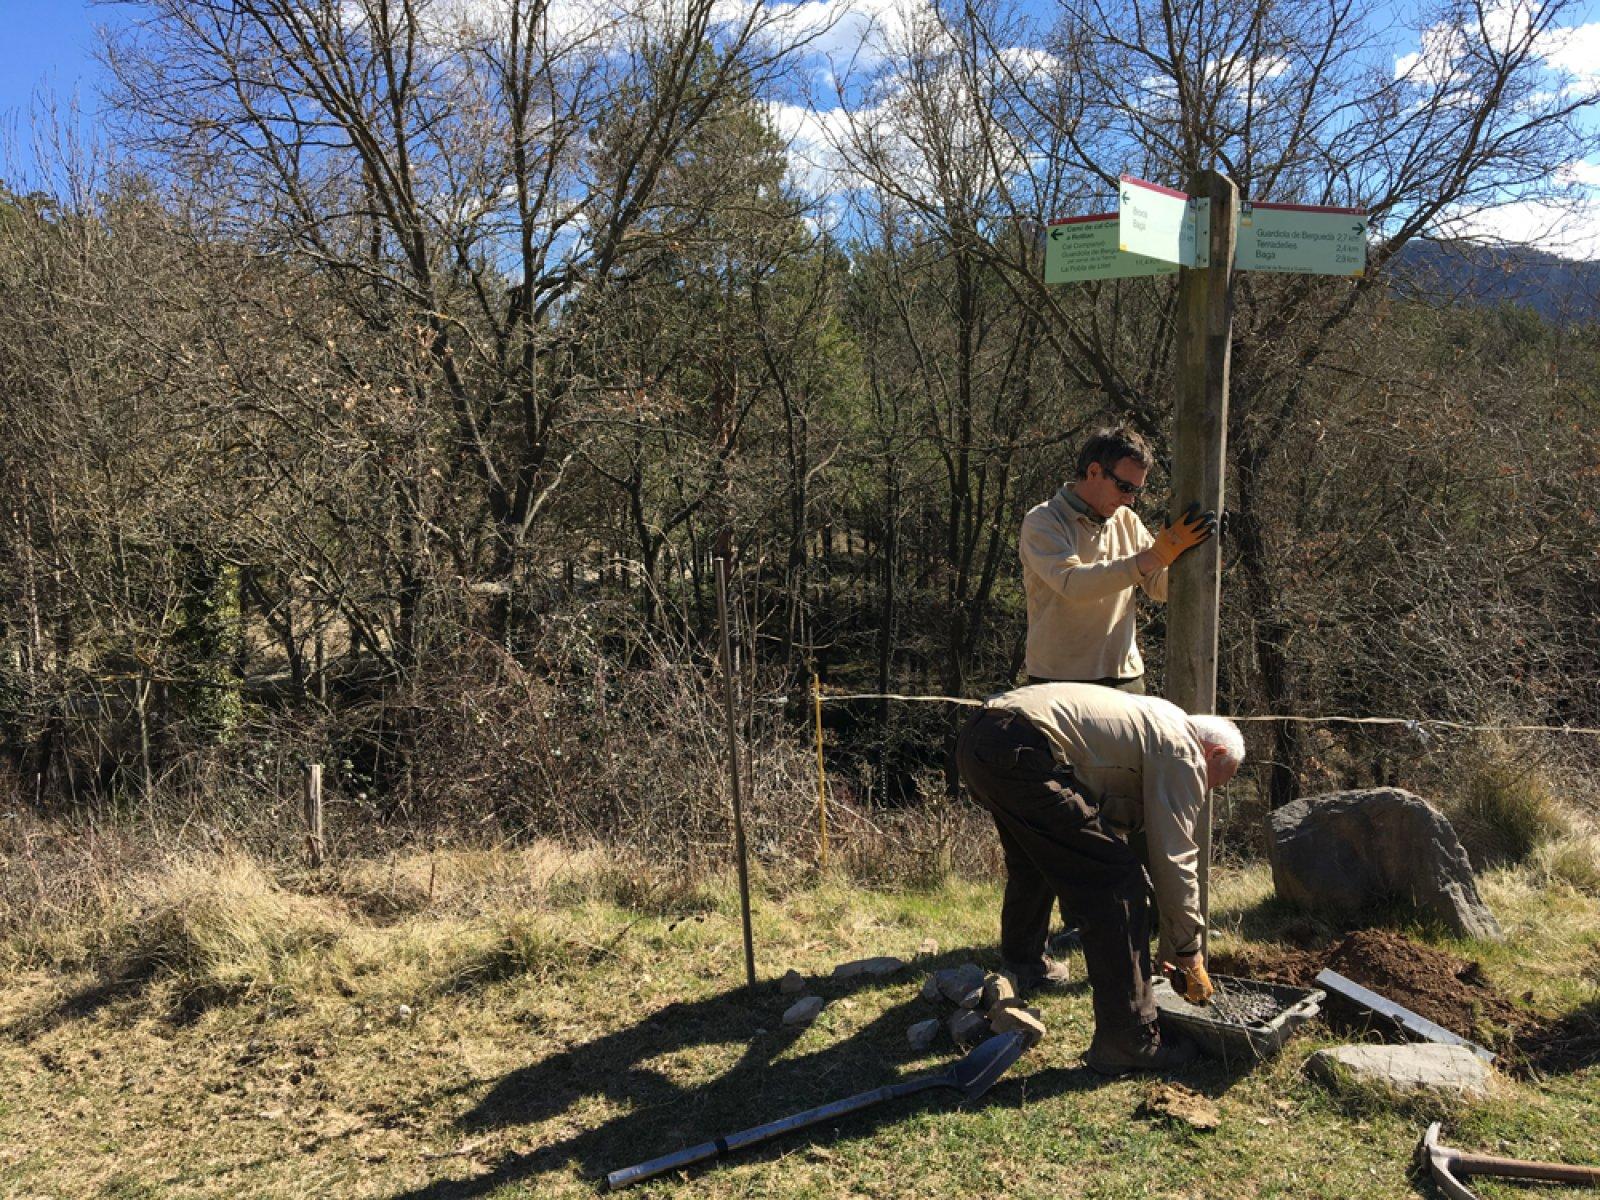 Nova senyalització al sender recuperat per accedir al Parc Natural del Cadí-Moixeró des de Guardiola de Berguedà